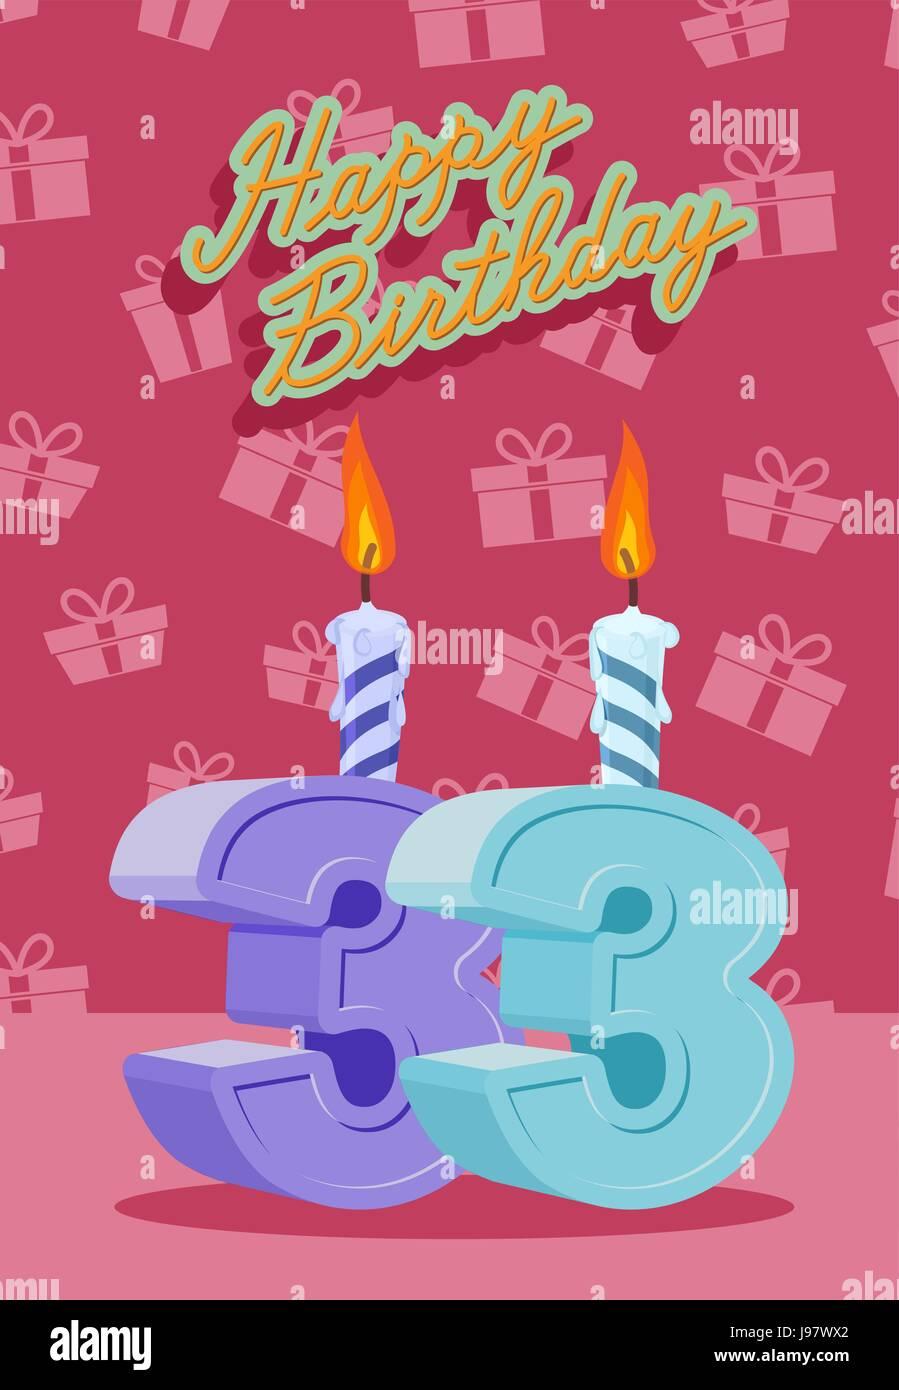 33 Jahre Geburtstag Tochter Geburtstagswünsche Für Tochter